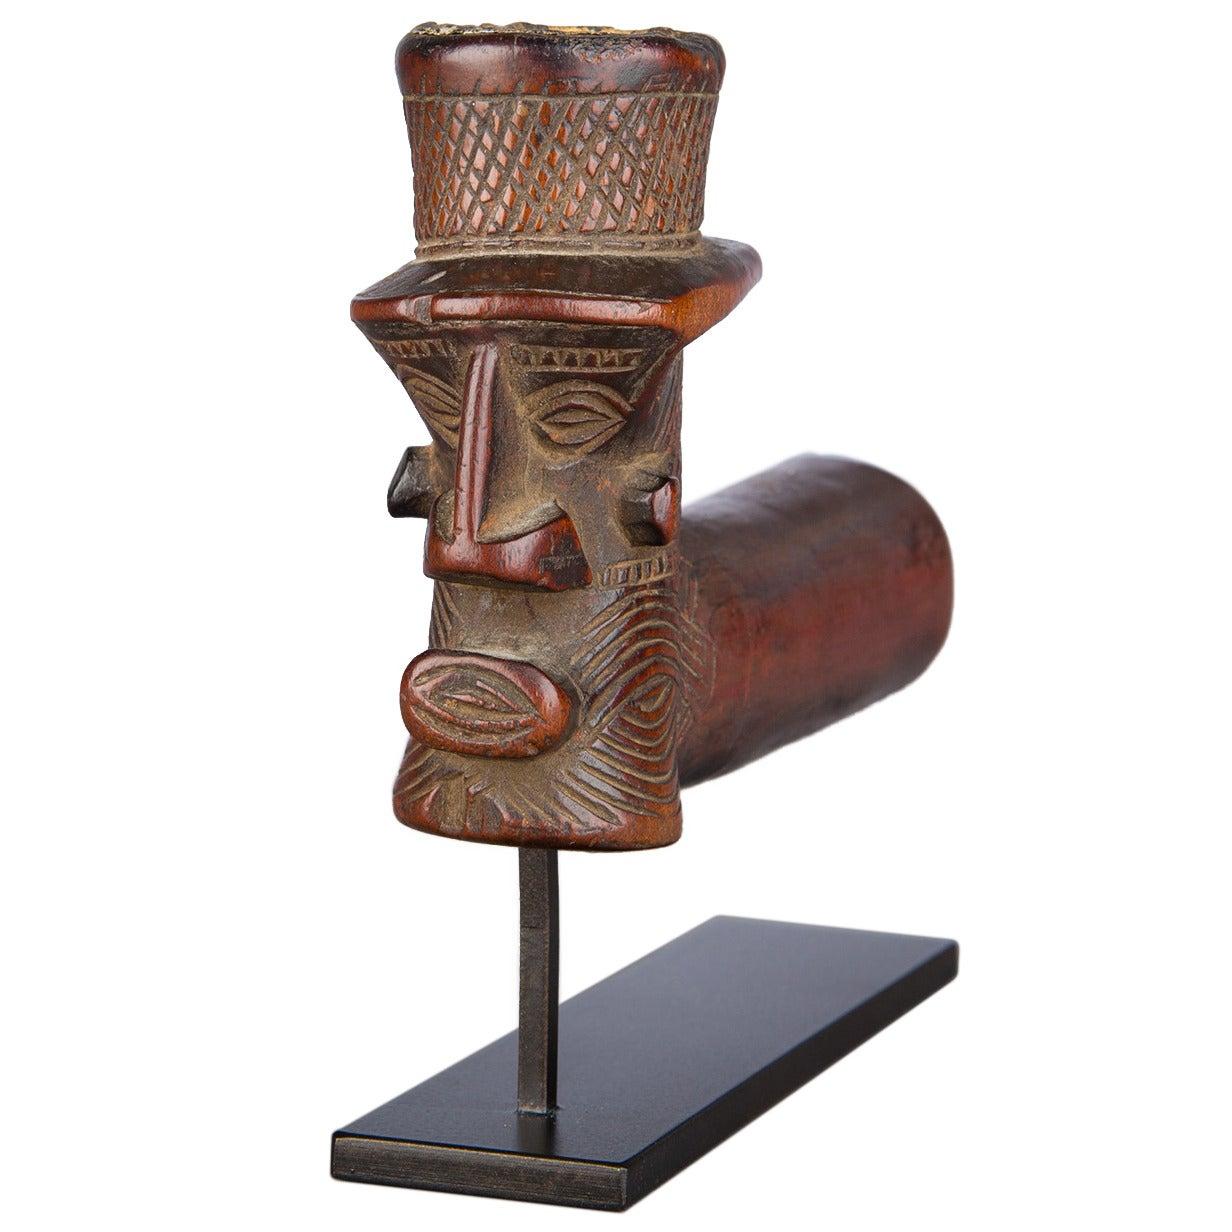 Early 20th Century Tribal Kuba or Binji Pipe, D.R. Congo